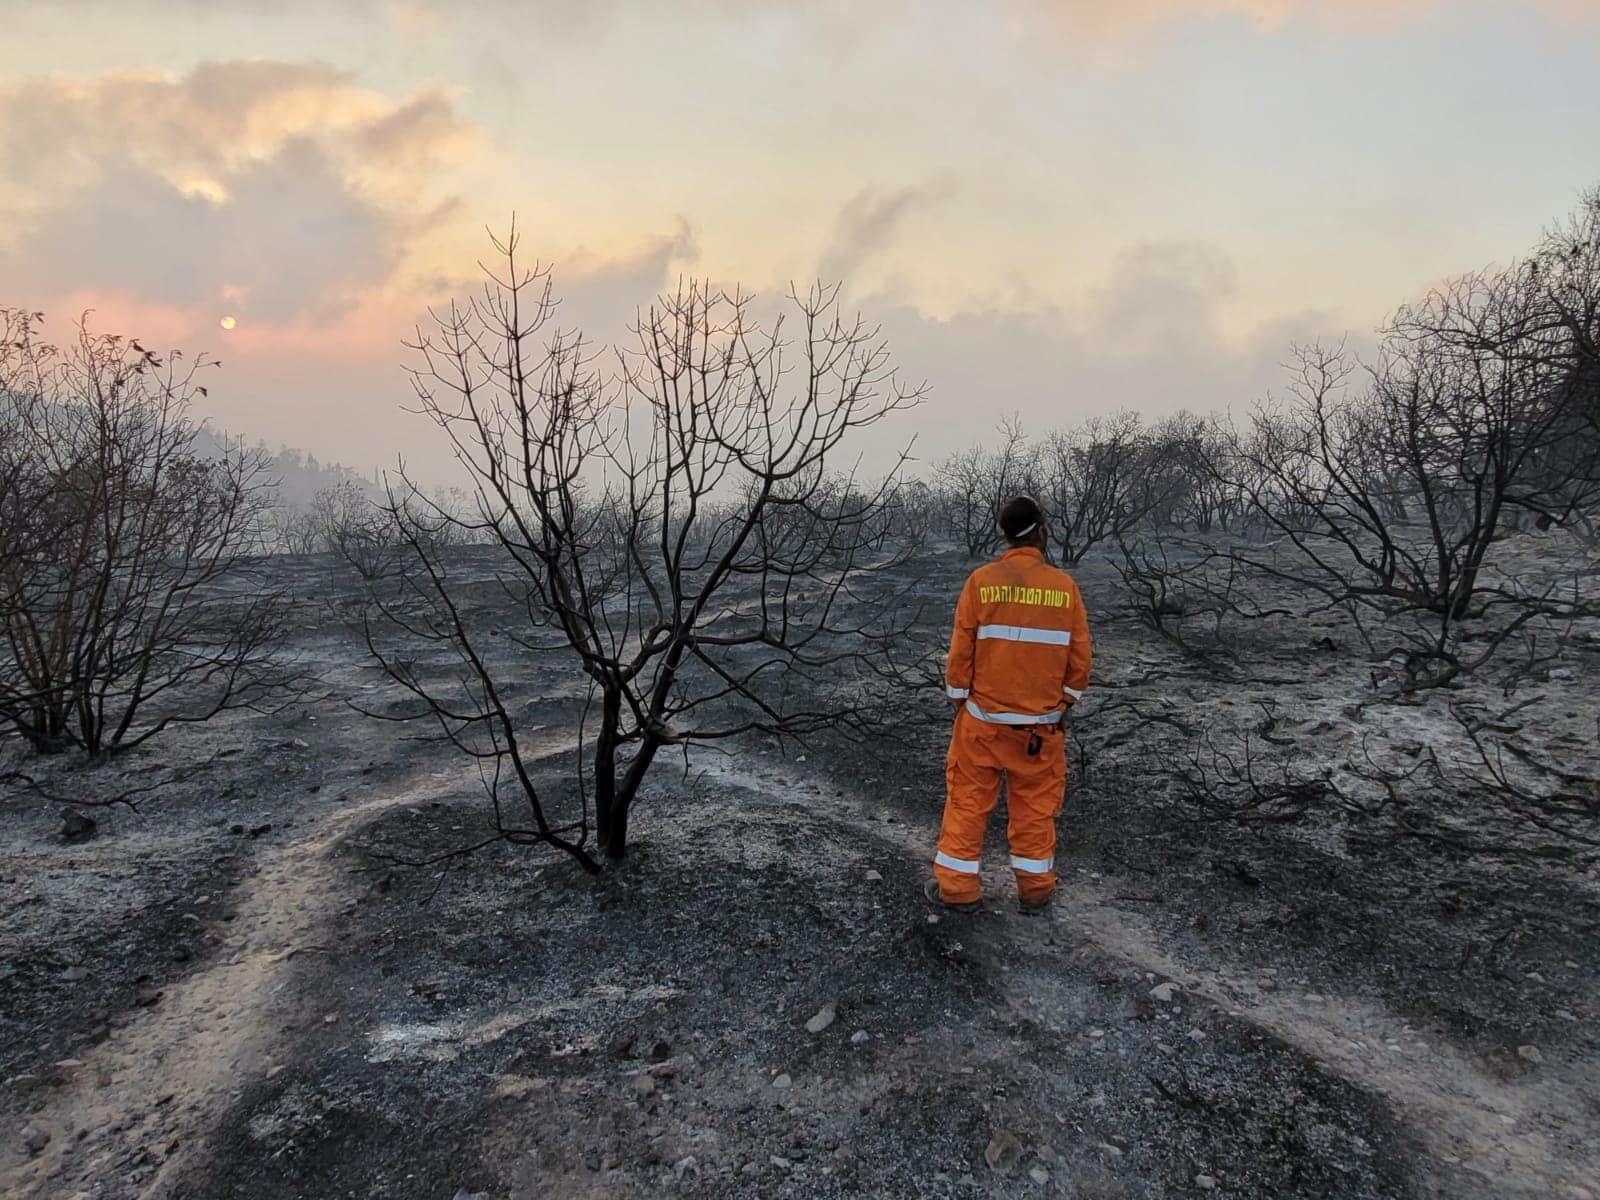 """שריפה בשמורת הר טייסים בהרי ירושלים, אוגוסט 2021 (צילום: גלעד וייל / רט""""ג)"""